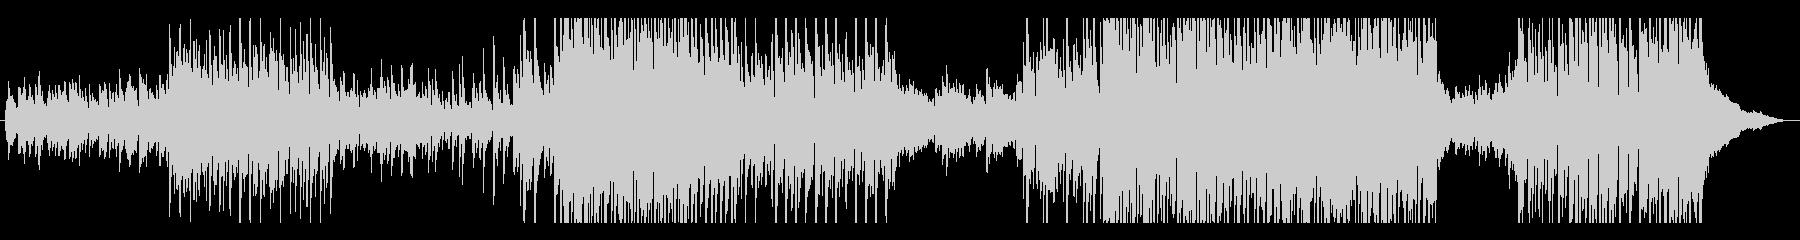 メロディ重視のアコースティック曲の未再生の波形